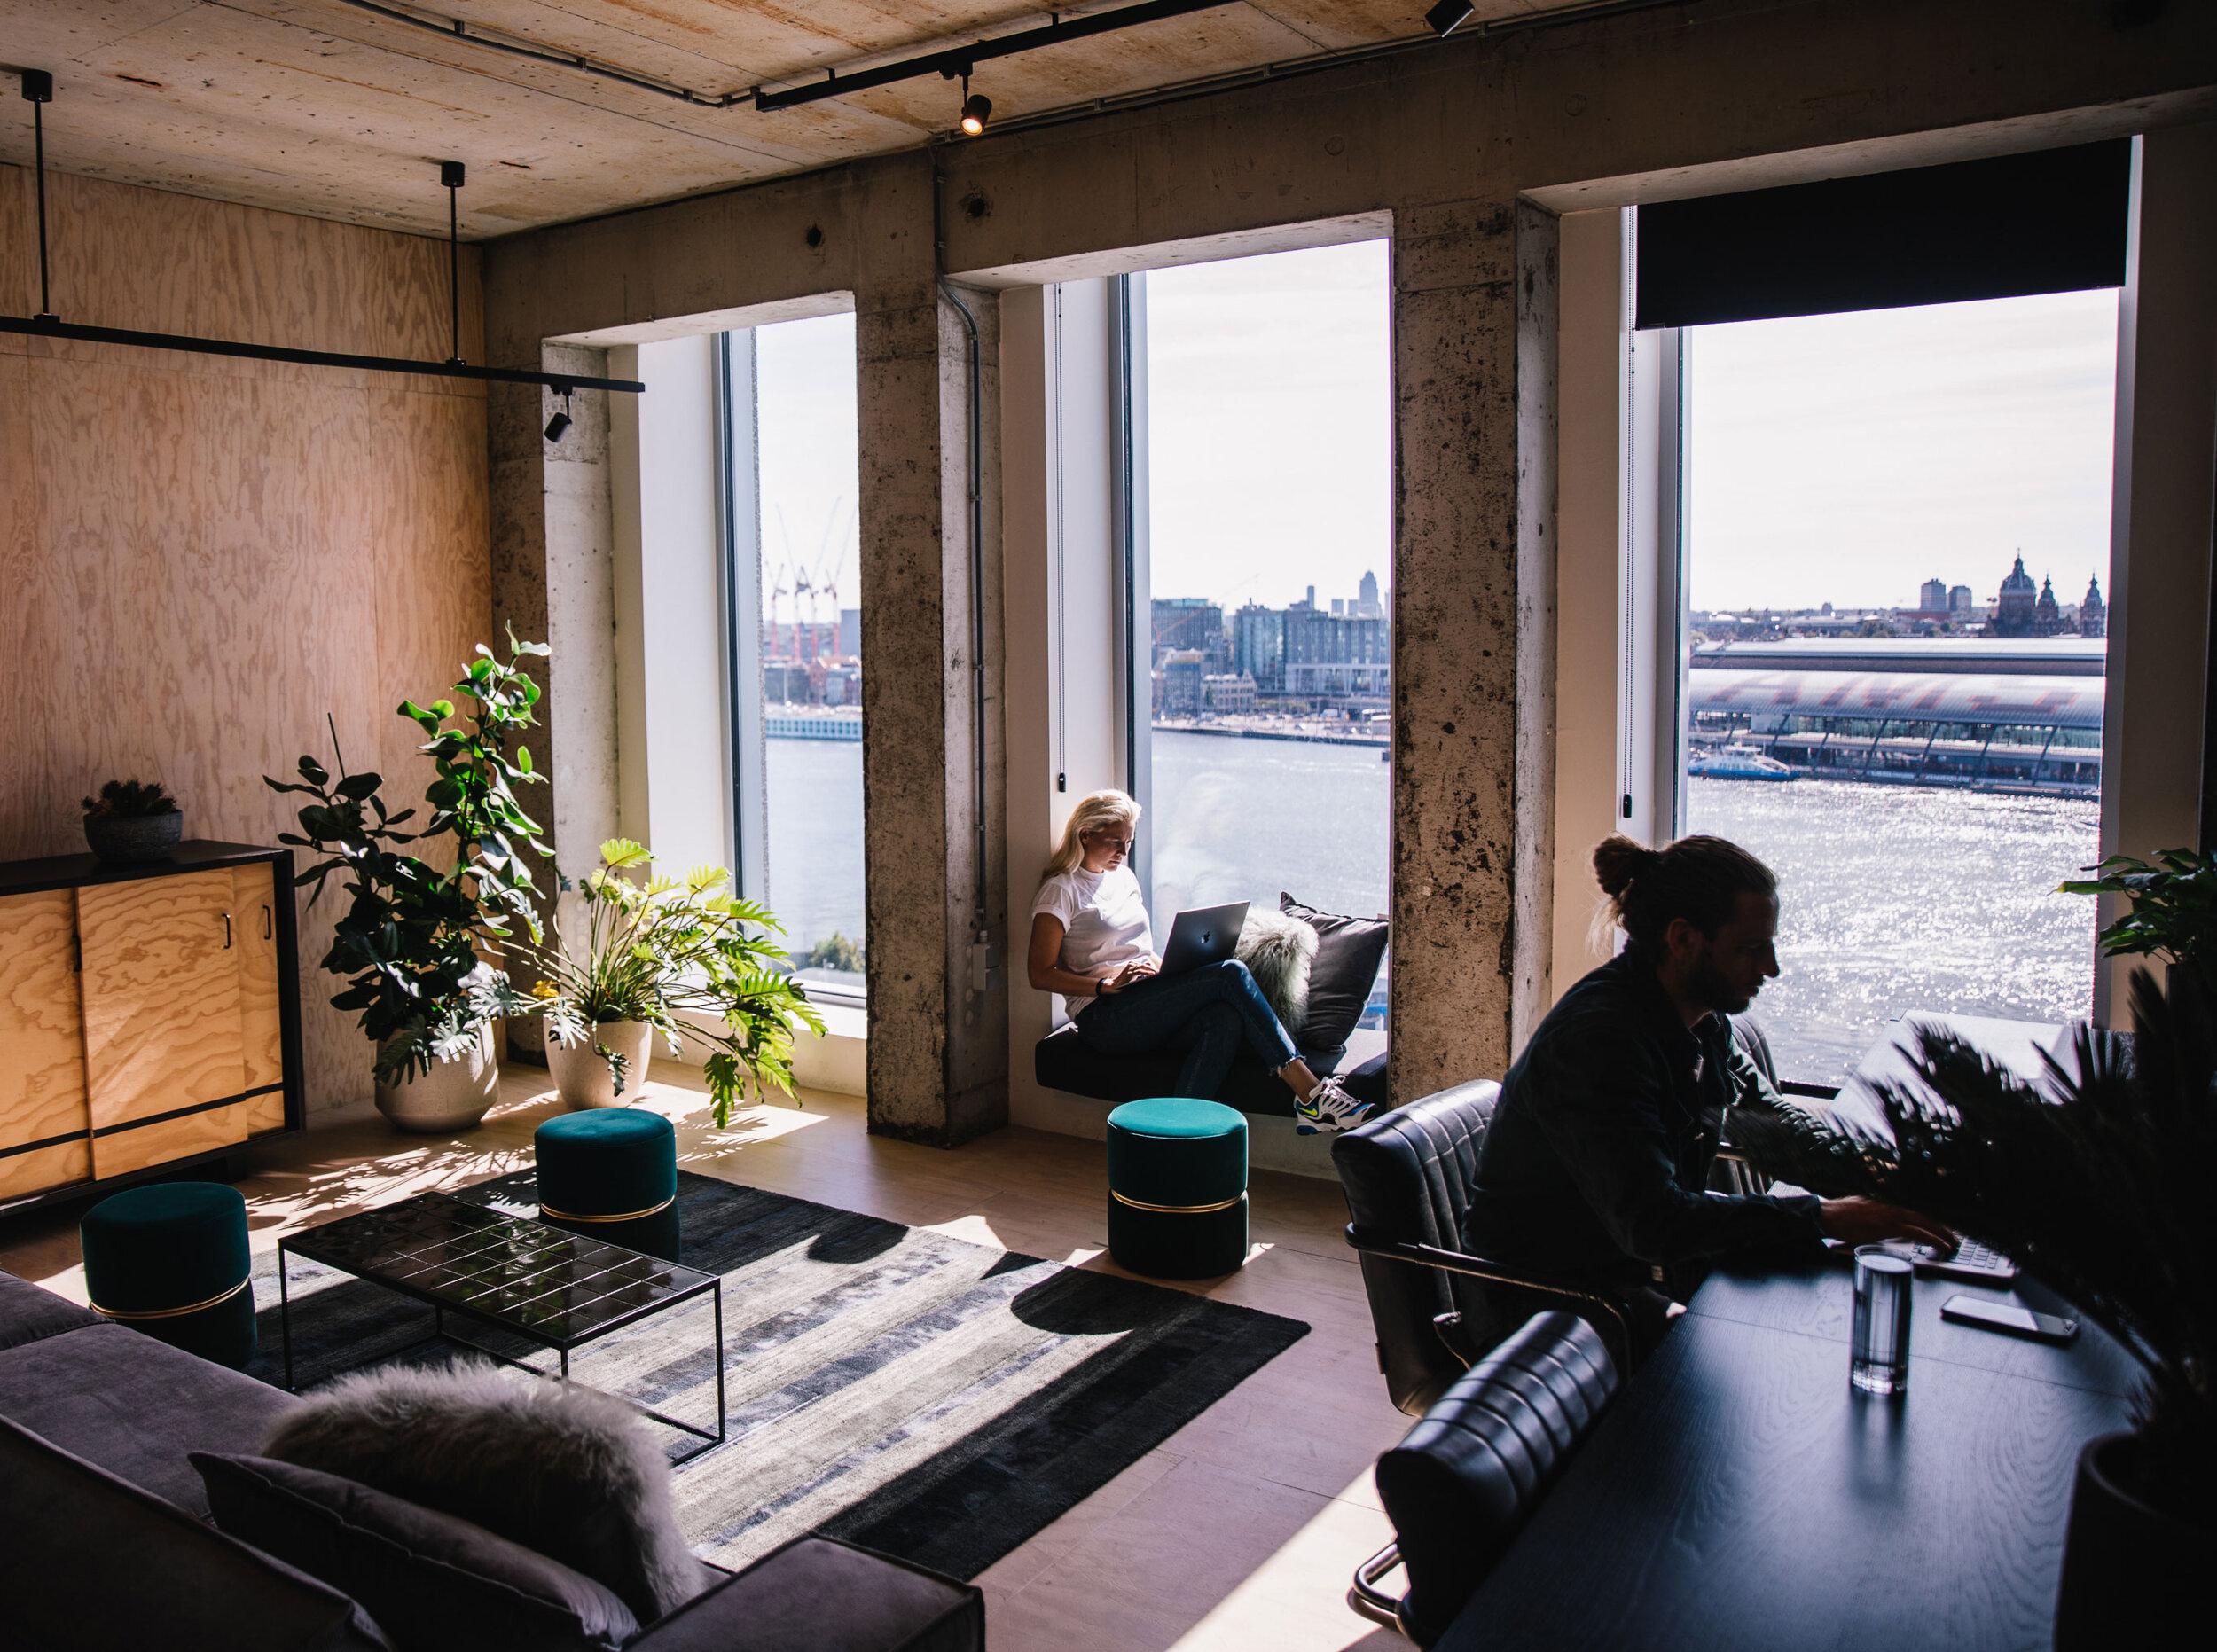 Dedicated Desk in de A'DAM Toren - Hecht je meer waarde aan een vaste thuisbasis en maak je je werkplek graag eigen? Dan kan je op de 10e verdieping van de A'DAM Toren je eigen desk claimen, alleen of met je collega's. Je spullen kan je hier gewoon laten liggen, voor extra ruimte kun je gebruik maken van de lockers op dezelfde verdieping. Daarnaast ben je natuurlijk onderdeel van de community en geniet je van alle voordelen die dat met zich meebrengt.